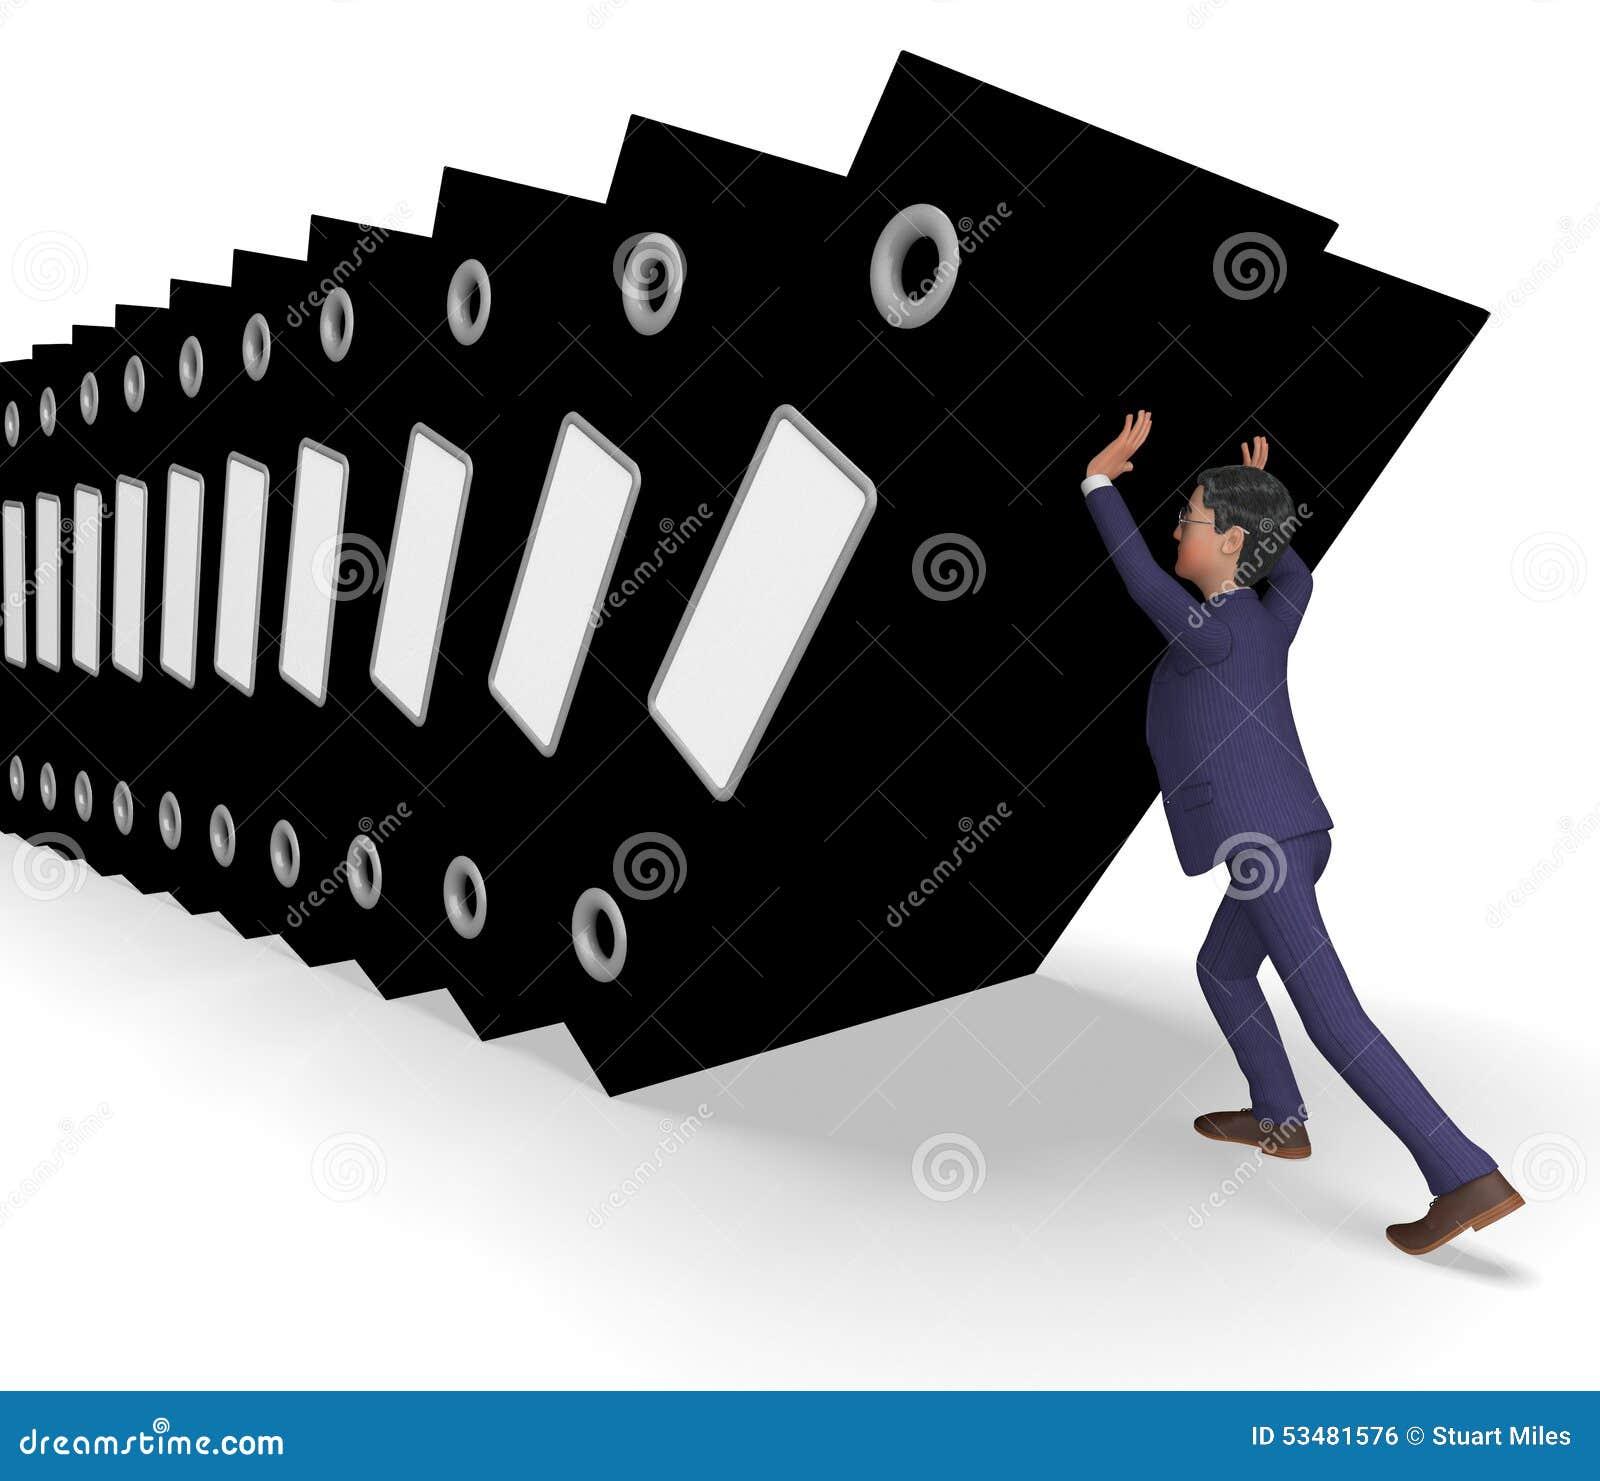 Organized Binder Clipart Businessman Overload W...